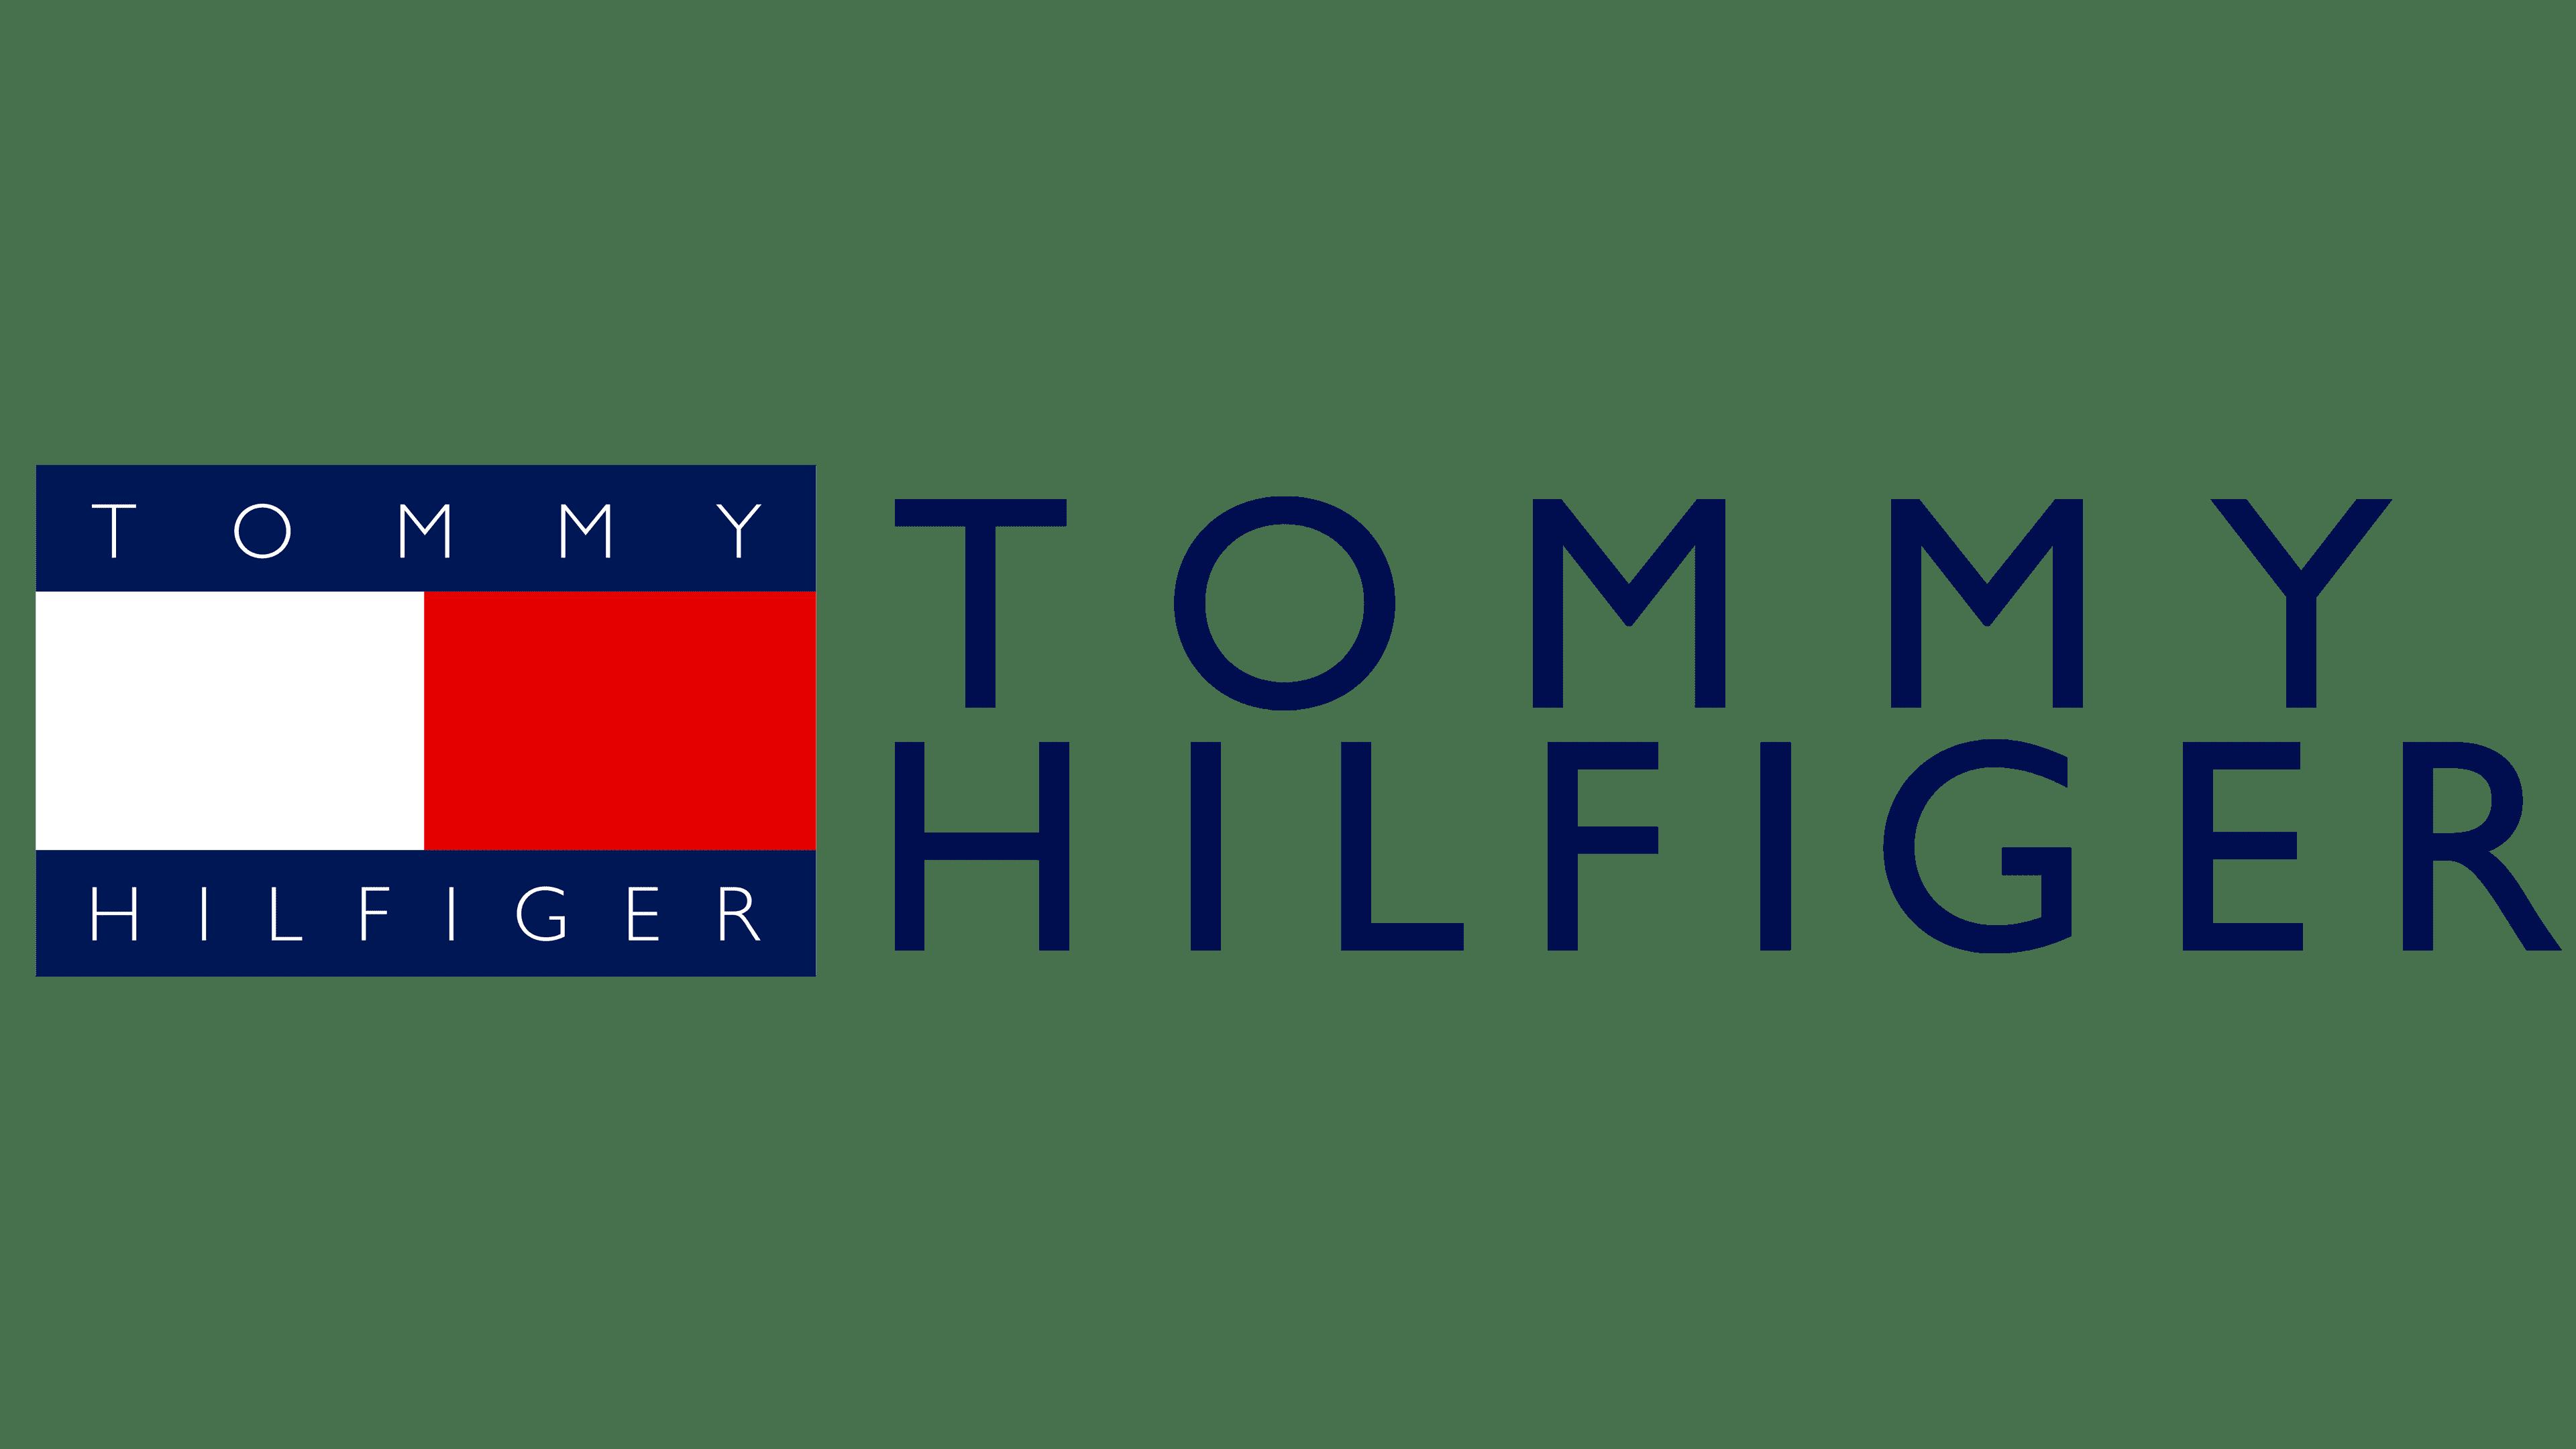 تومي هيلفيغر Tommy Hilfiger